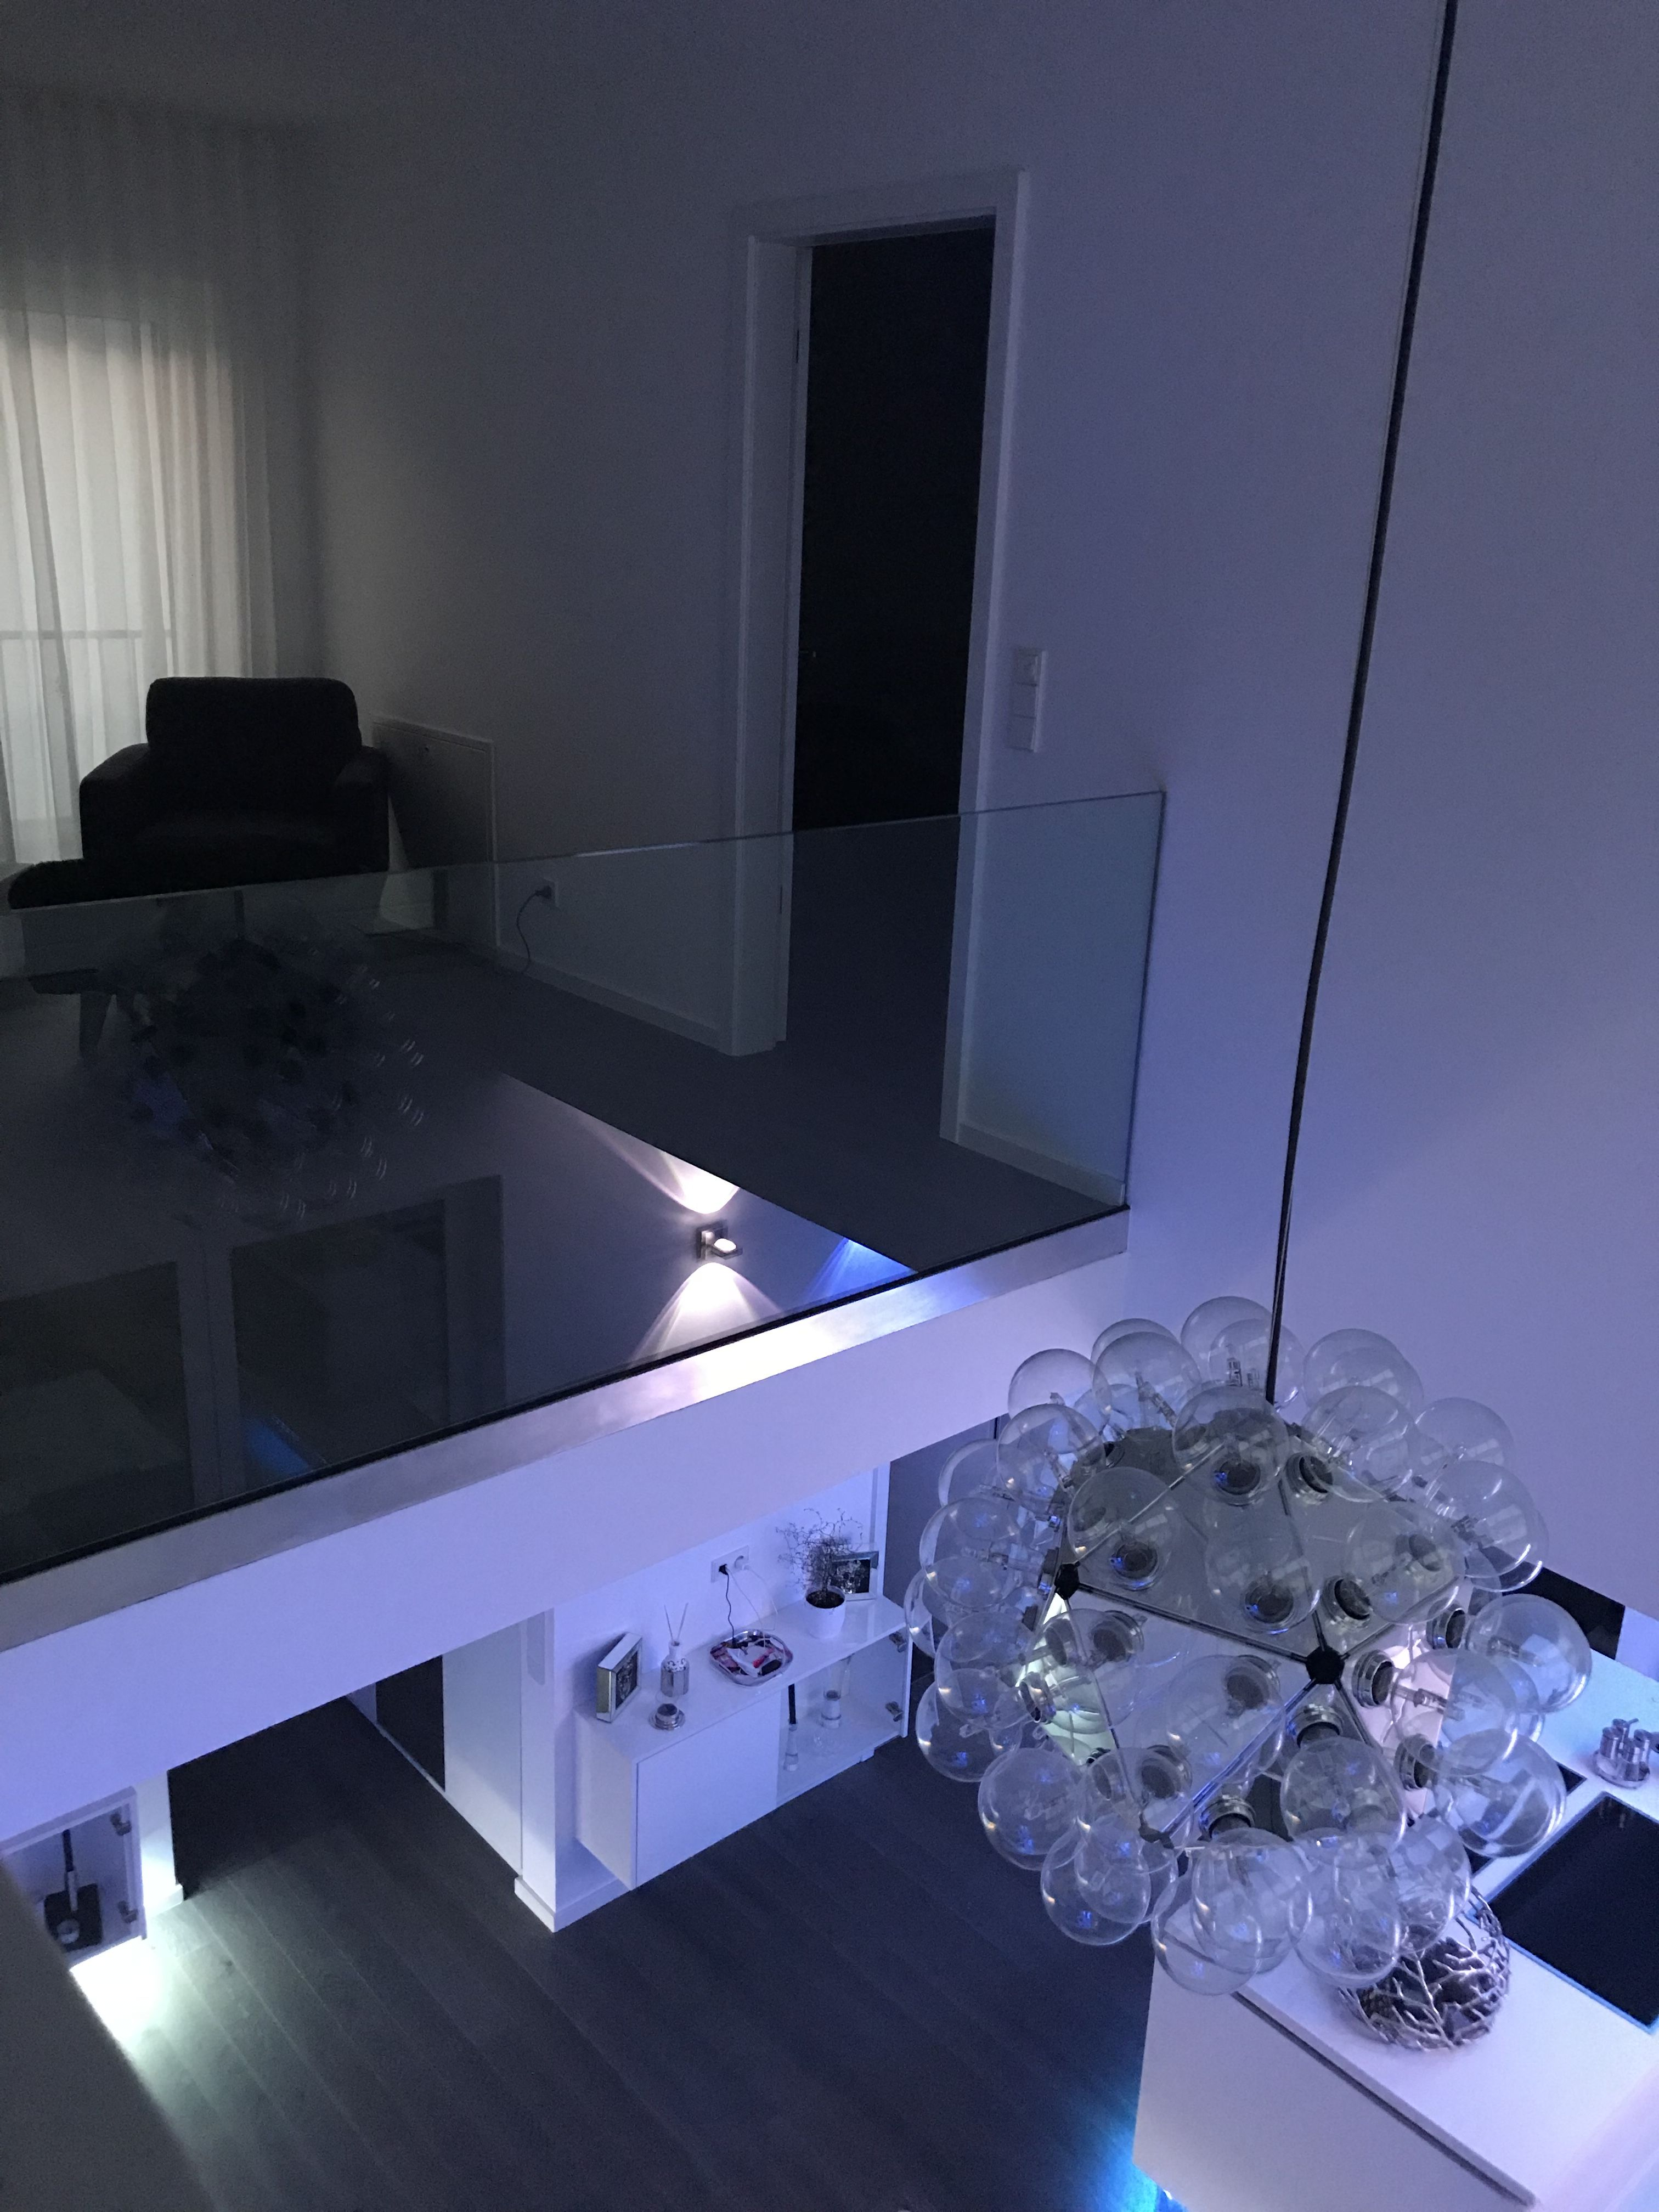 Pin Von Pi Sky Auf Unser Traumhaus In 2020 Haus Raum Traumhaus